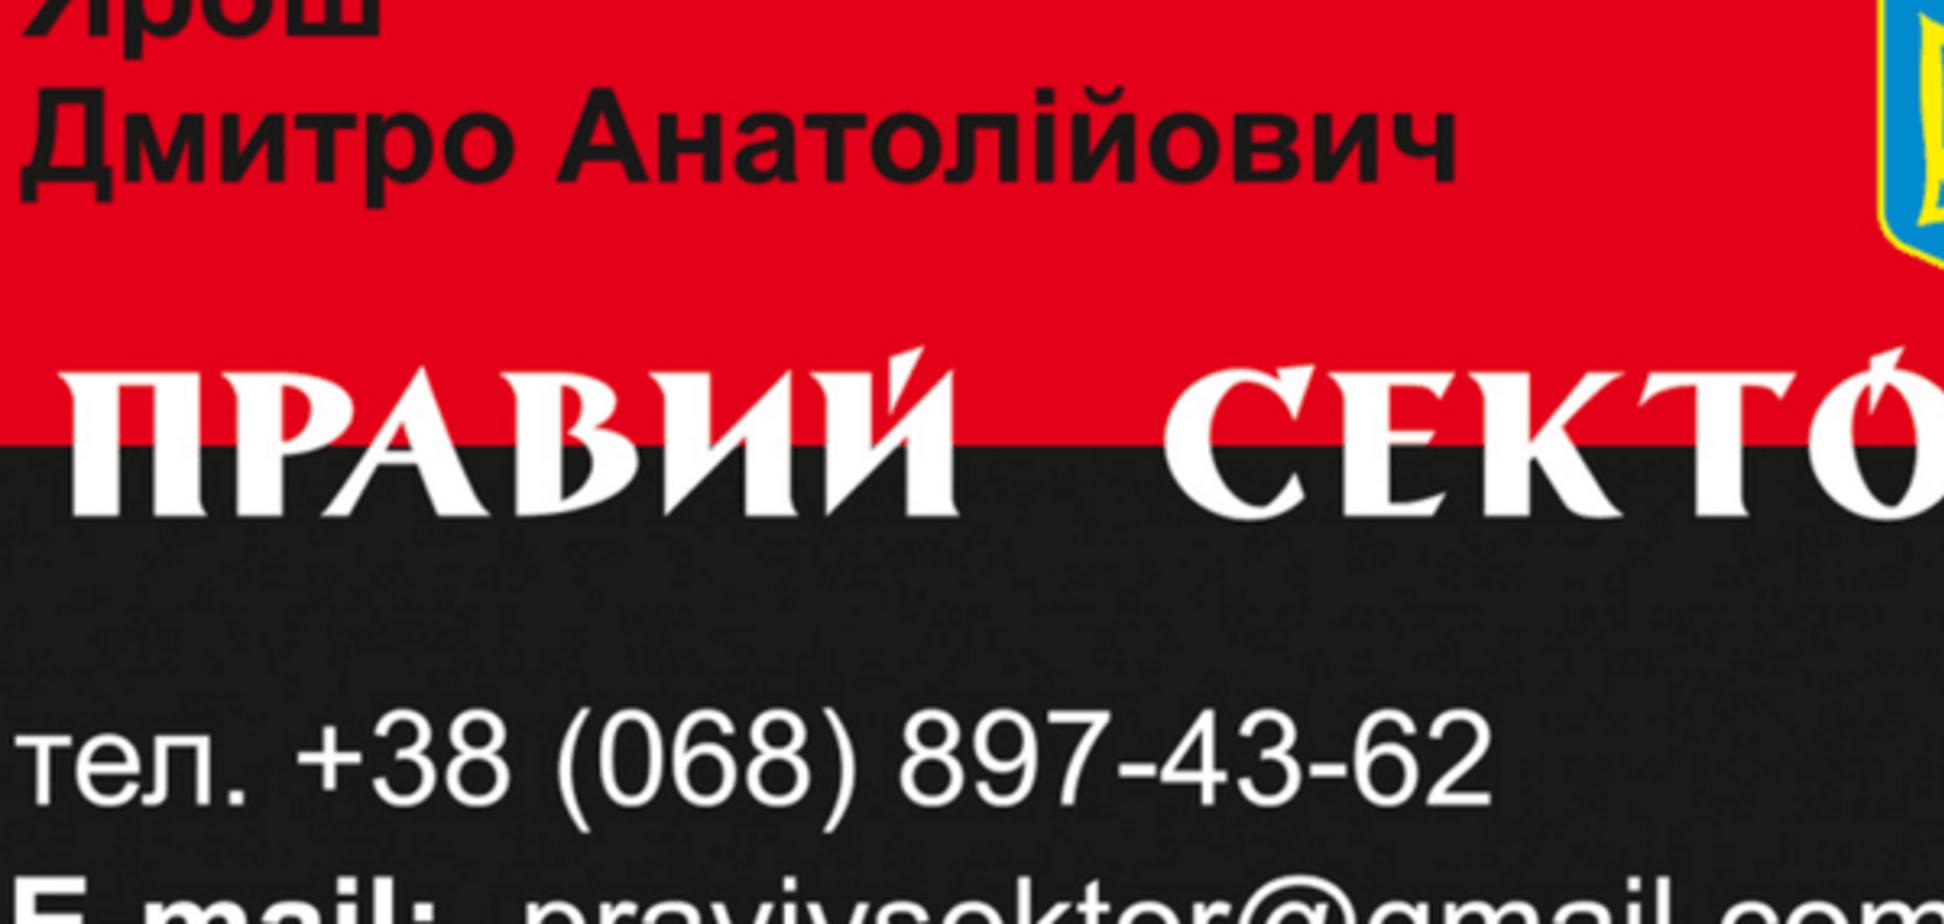 Чорний без червоного: в мережі показали кота Яроша. Фотофакт